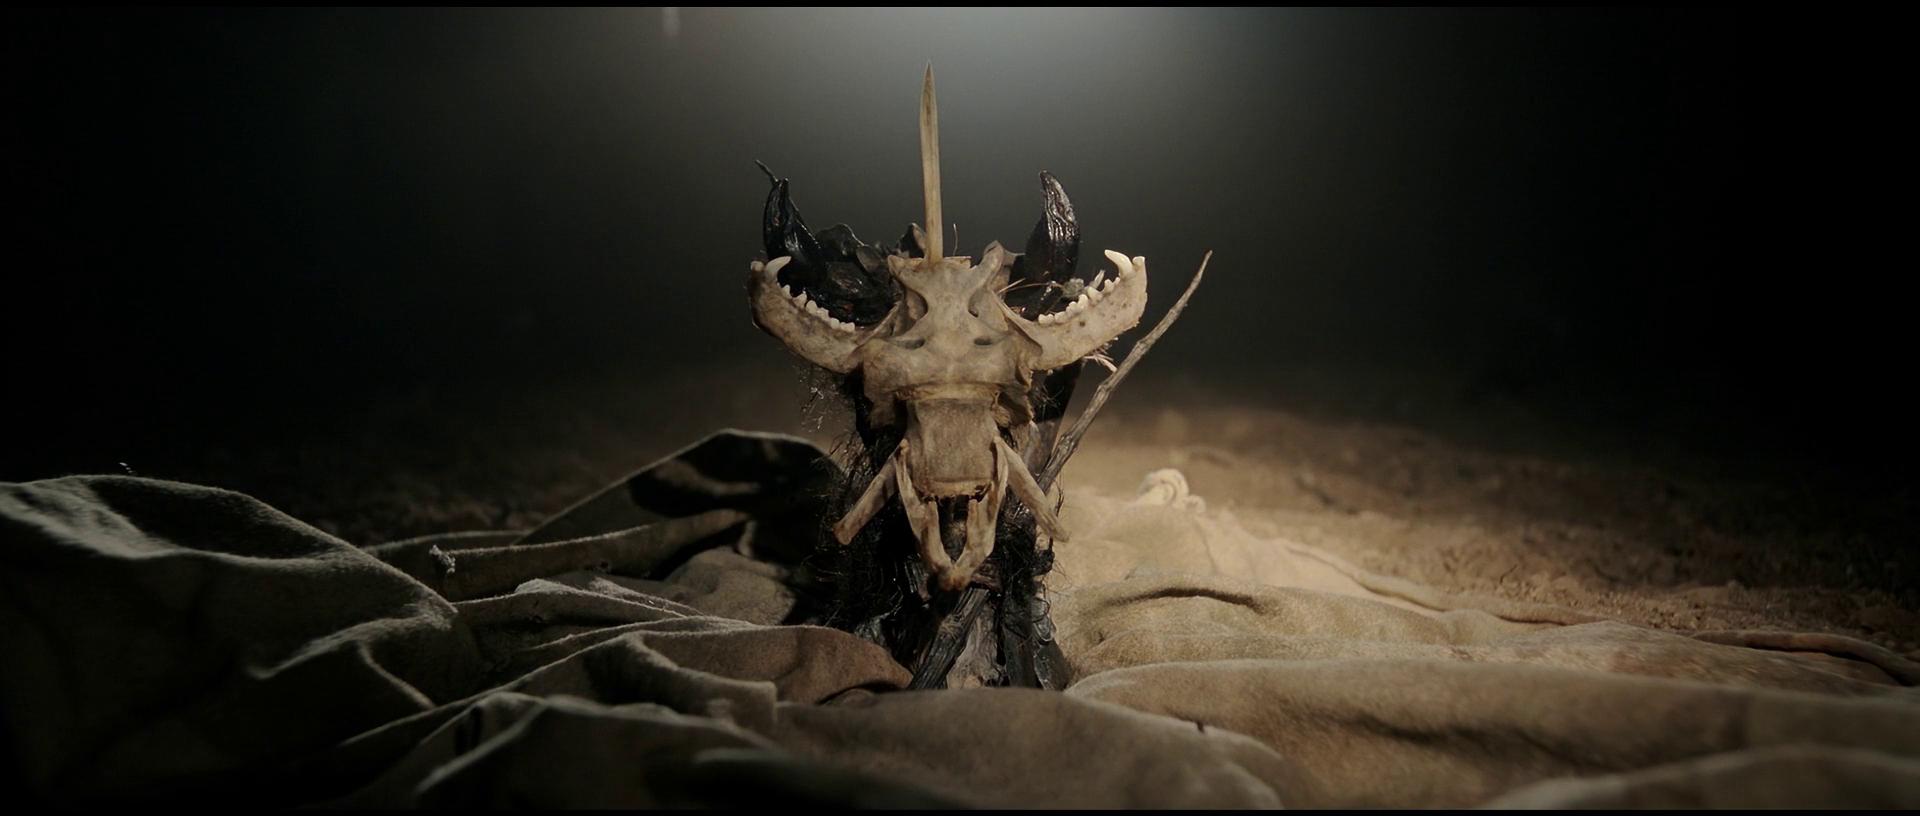 El conjuro 3: El diablo me obligó a hacerlo (2021) 1080p 60FPS WEB-DL Latino